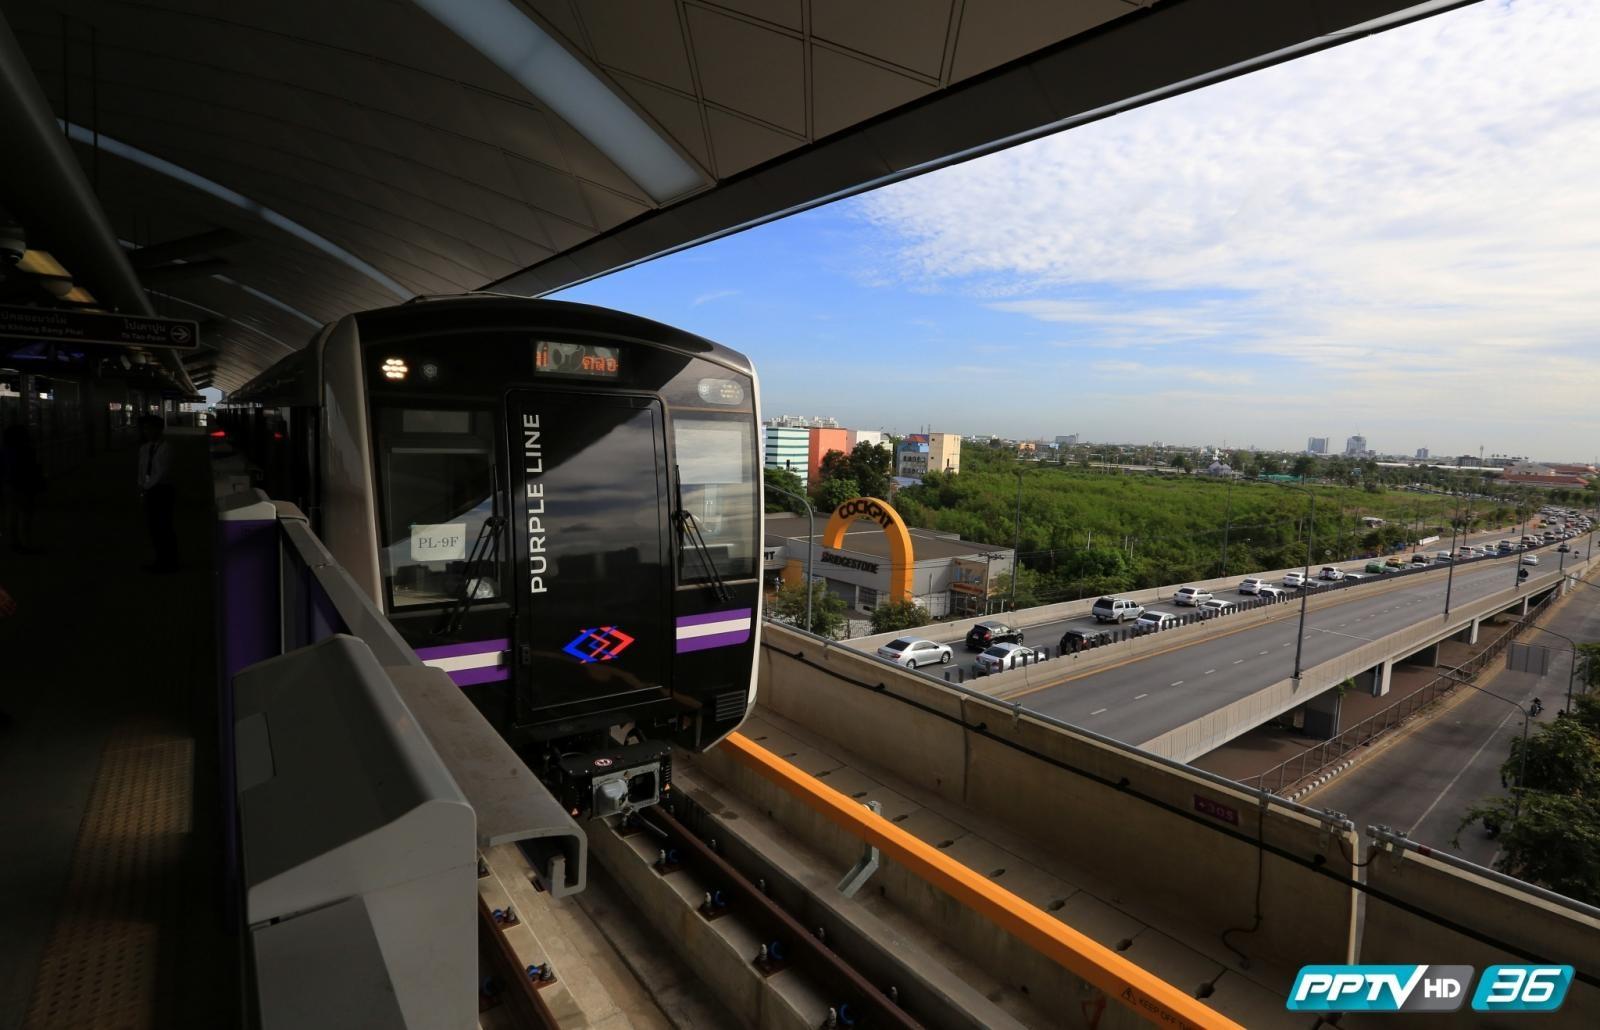 เผย 5 งานยอดนิยมแนวรถไฟฟ้าสายสีม่วง